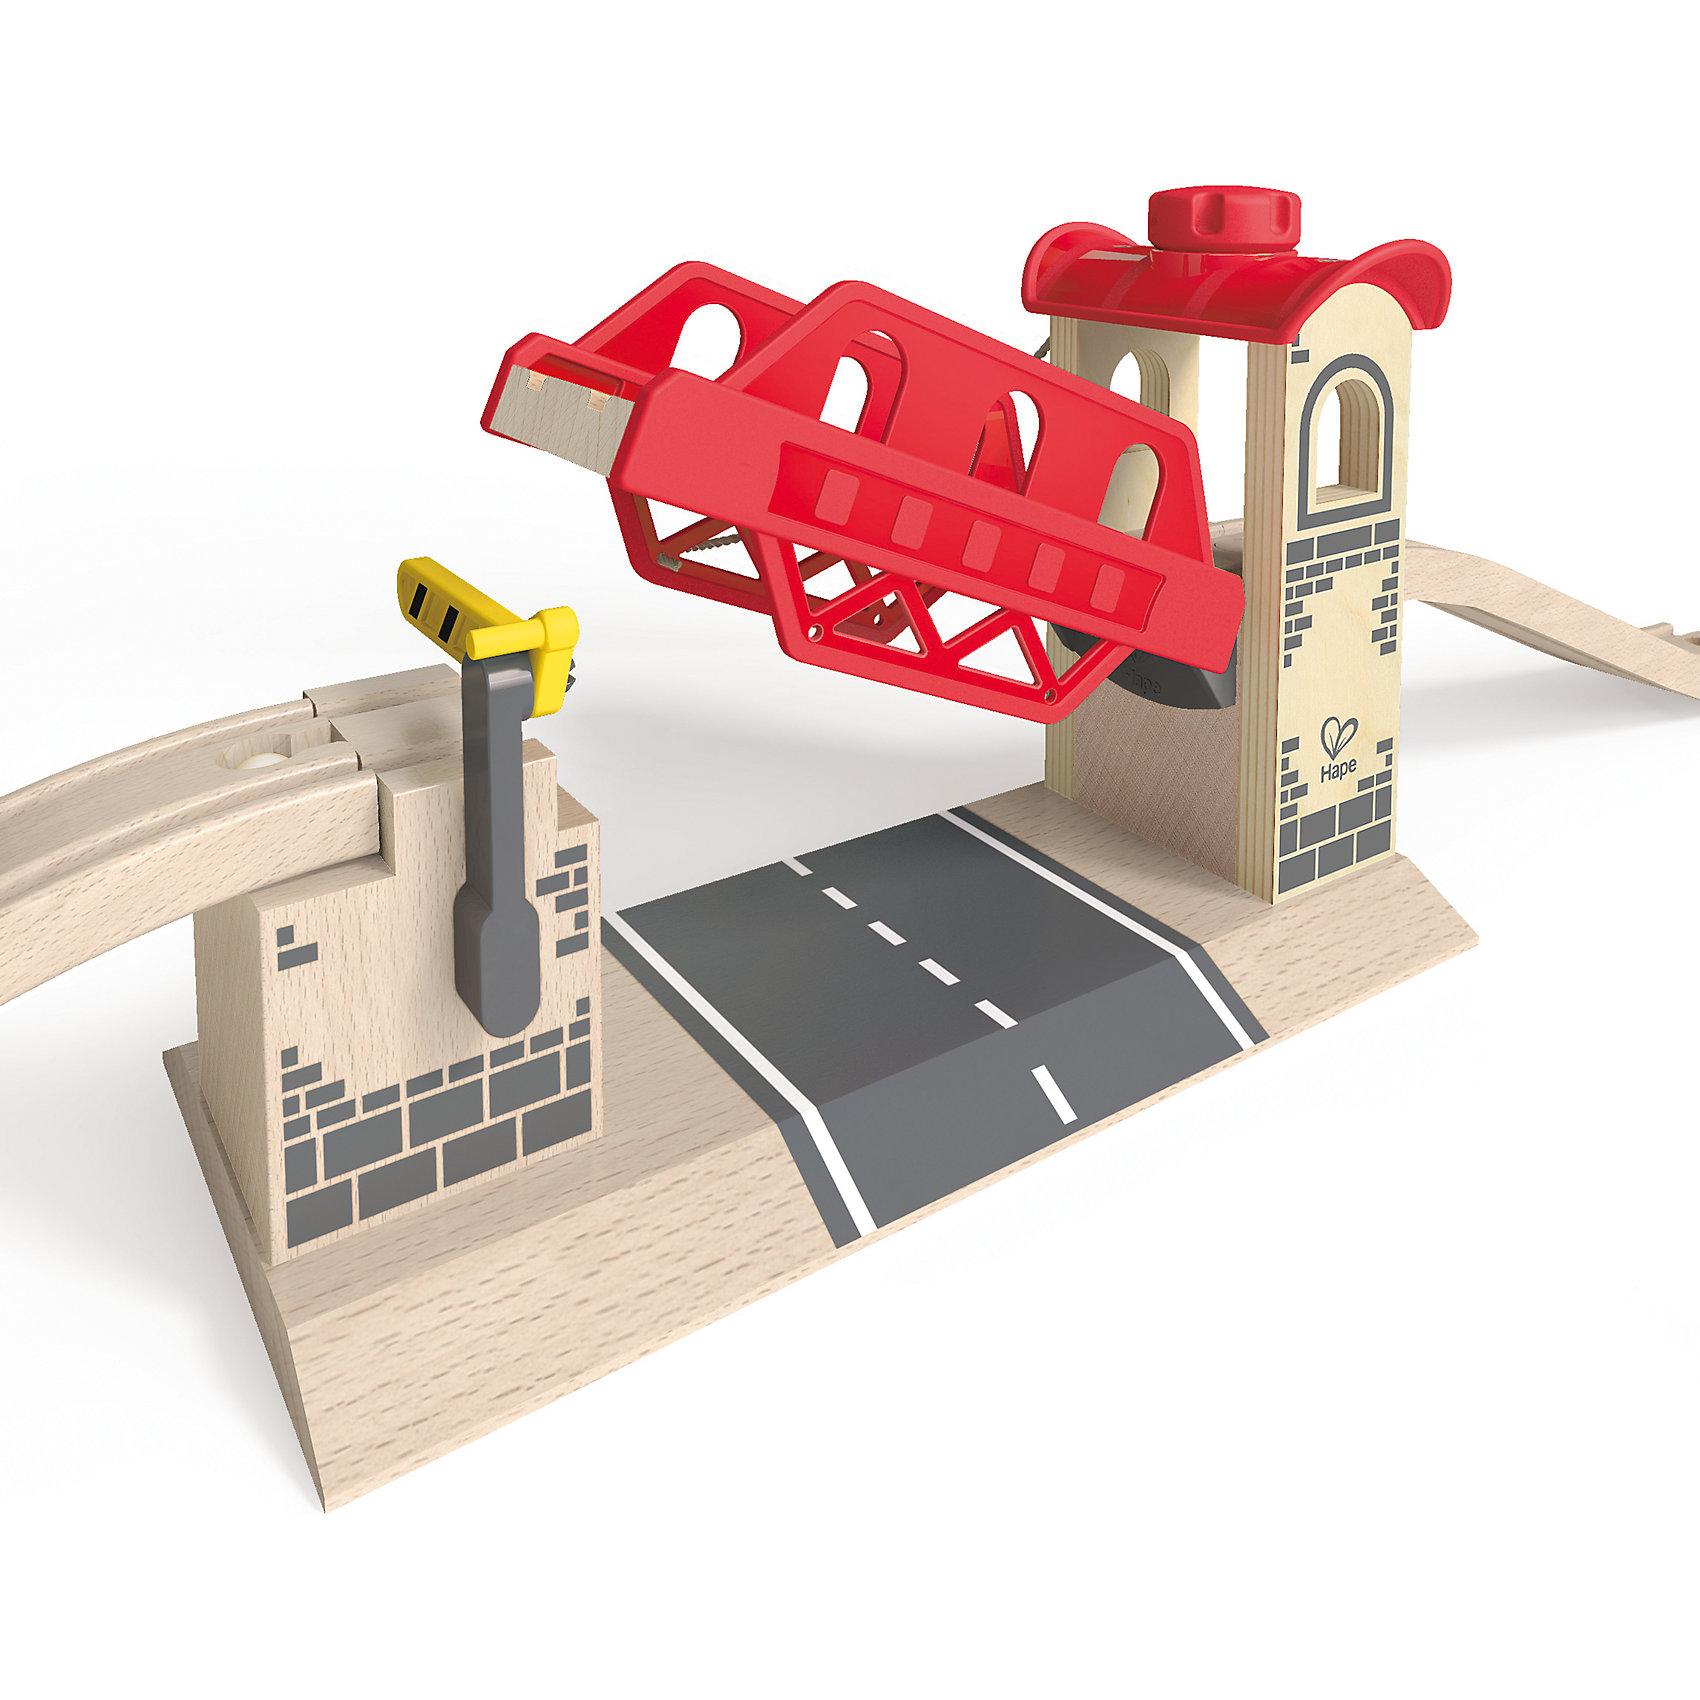 Дополнительный элемент Мост, HapeИгрушечная железная дорога<br>Дополнительный элемент Мост, Hape (Хейп).<br><br>Характеристики:<br><br>- Размер: 23,6х11х16 см.<br>- Материал: древесина<br><br>Дополнительный элемент разводной мост позволит значительно улучшить конфигурацию деревянной железной дороги от Hape (Хейп). Разводной мост легко присоединяется к любой железной дороге Hape (E3700, E3712, E3713) с помощью двух элементов железнодорожного полотна. Элементы позволяют въехать на мост локомотиву как на «ручном» управлении, так и двигающемуся самостоятельно. Пролет моста может быть поднят или опущен. Для подъема необходимо покрутить специальный механизм, который с помощью троса приподнимает основной пролет. Шлагбаумы с двух сторон моста предотвратят неожиданный въезд железнодорожного состава на мост, когда он поднят. Шлагбаумы управляются вручную. Дополнительный элемент Мост изготовлен из отлично отшлифованного, натурального дерева, окрашенного нетоксичной краской.<br><br>Дополнительный элемент Мост, Hape (Хейп) можно купить в нашем интернет-магазине.<br><br>Ширина мм: 140<br>Глубина мм: 300<br>Высота мм: 180<br>Вес г: 1133<br>Возраст от месяцев: 36<br>Возраст до месяцев: 84<br>Пол: Мужской<br>Возраст: Детский<br>SKU: 5309155